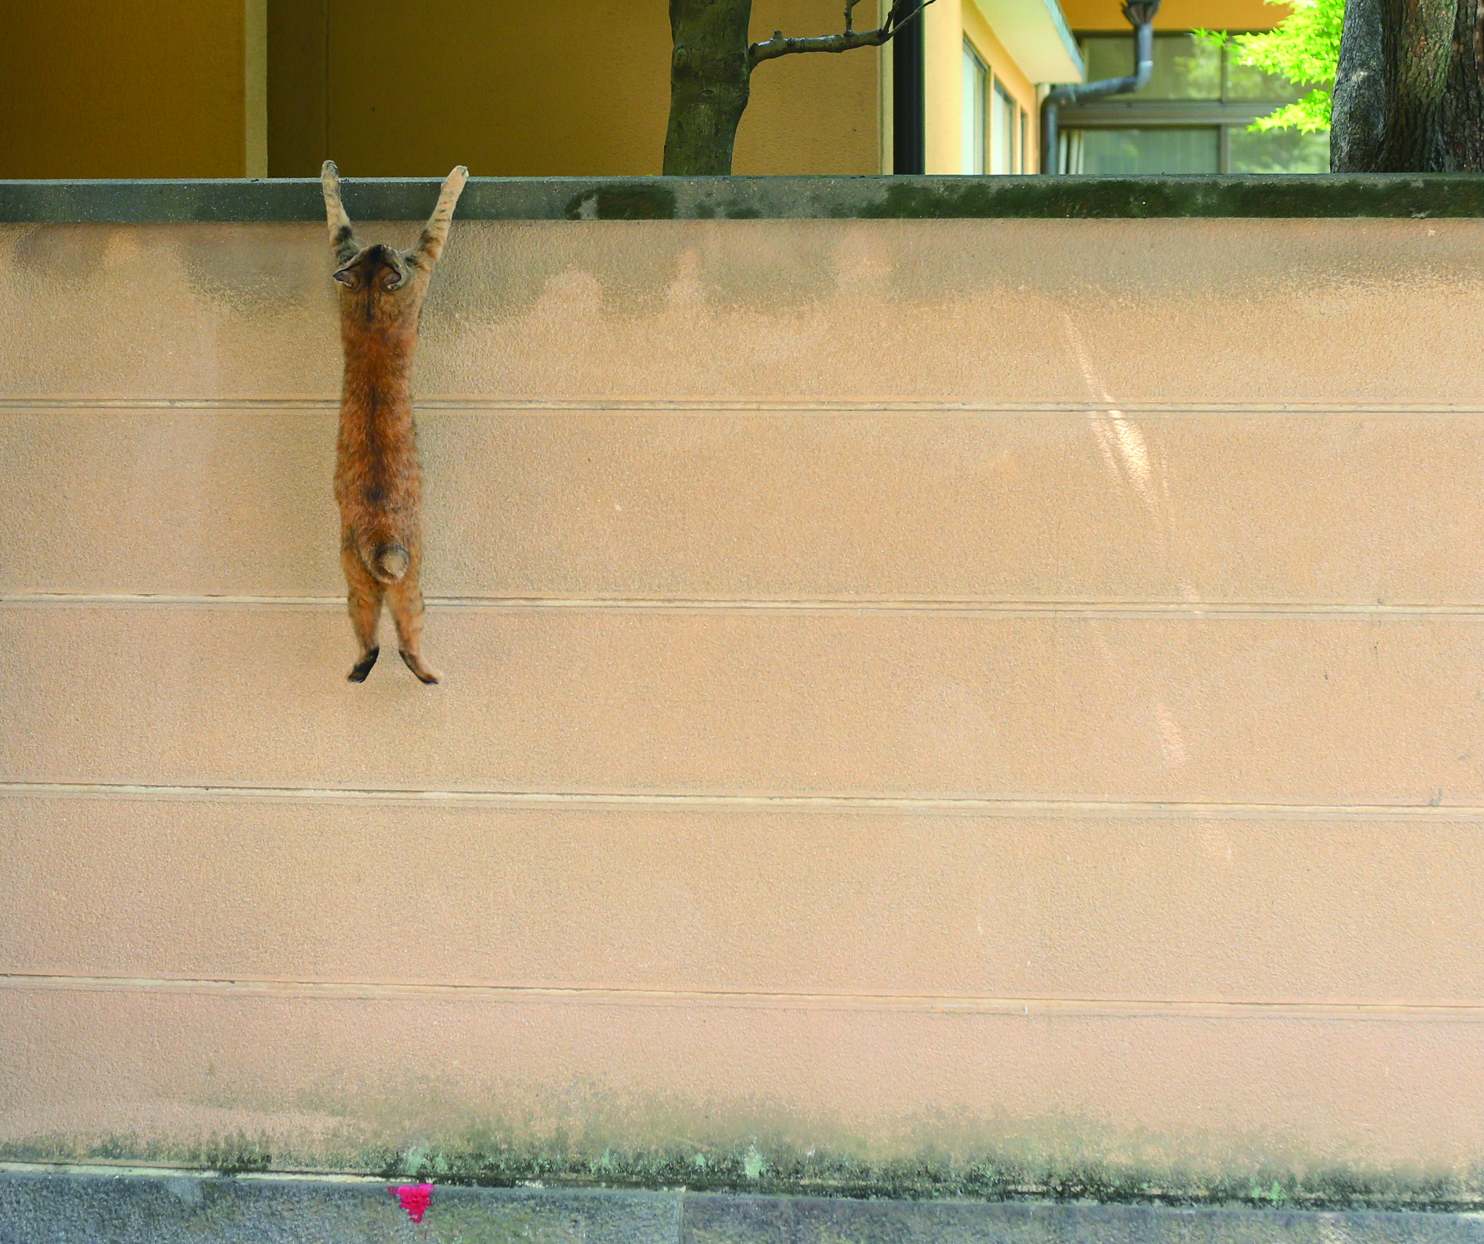 落ちるニャ〜! ……ではなく、実は2m近くの高さの塀に登る瞬間を捉えた 1枚だそう。